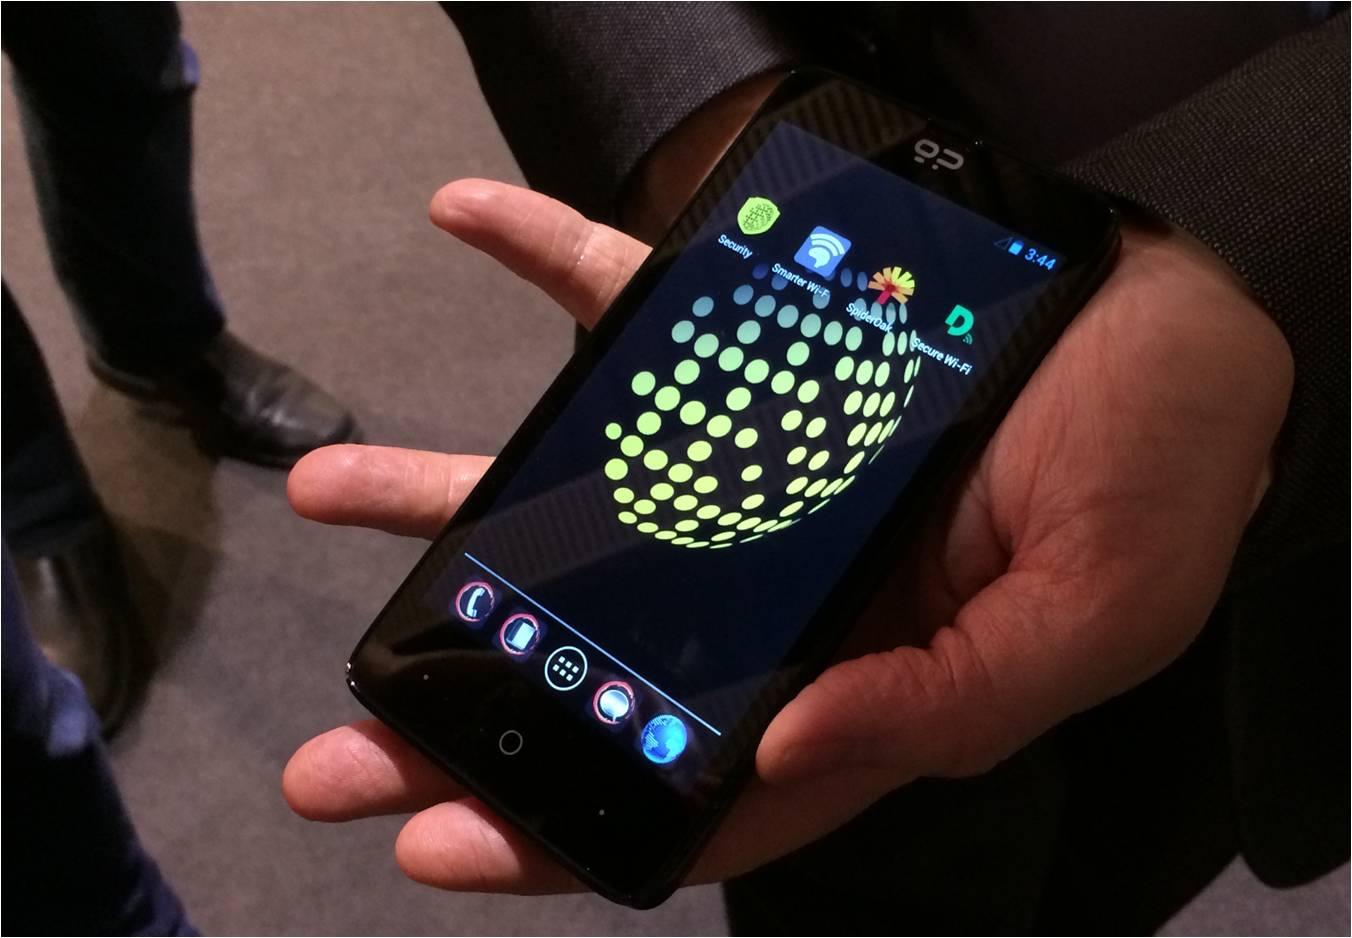 MWC 2014 | BlackPhone, o smartphone Android que promete privacidade total, foi apresentado oficialmente